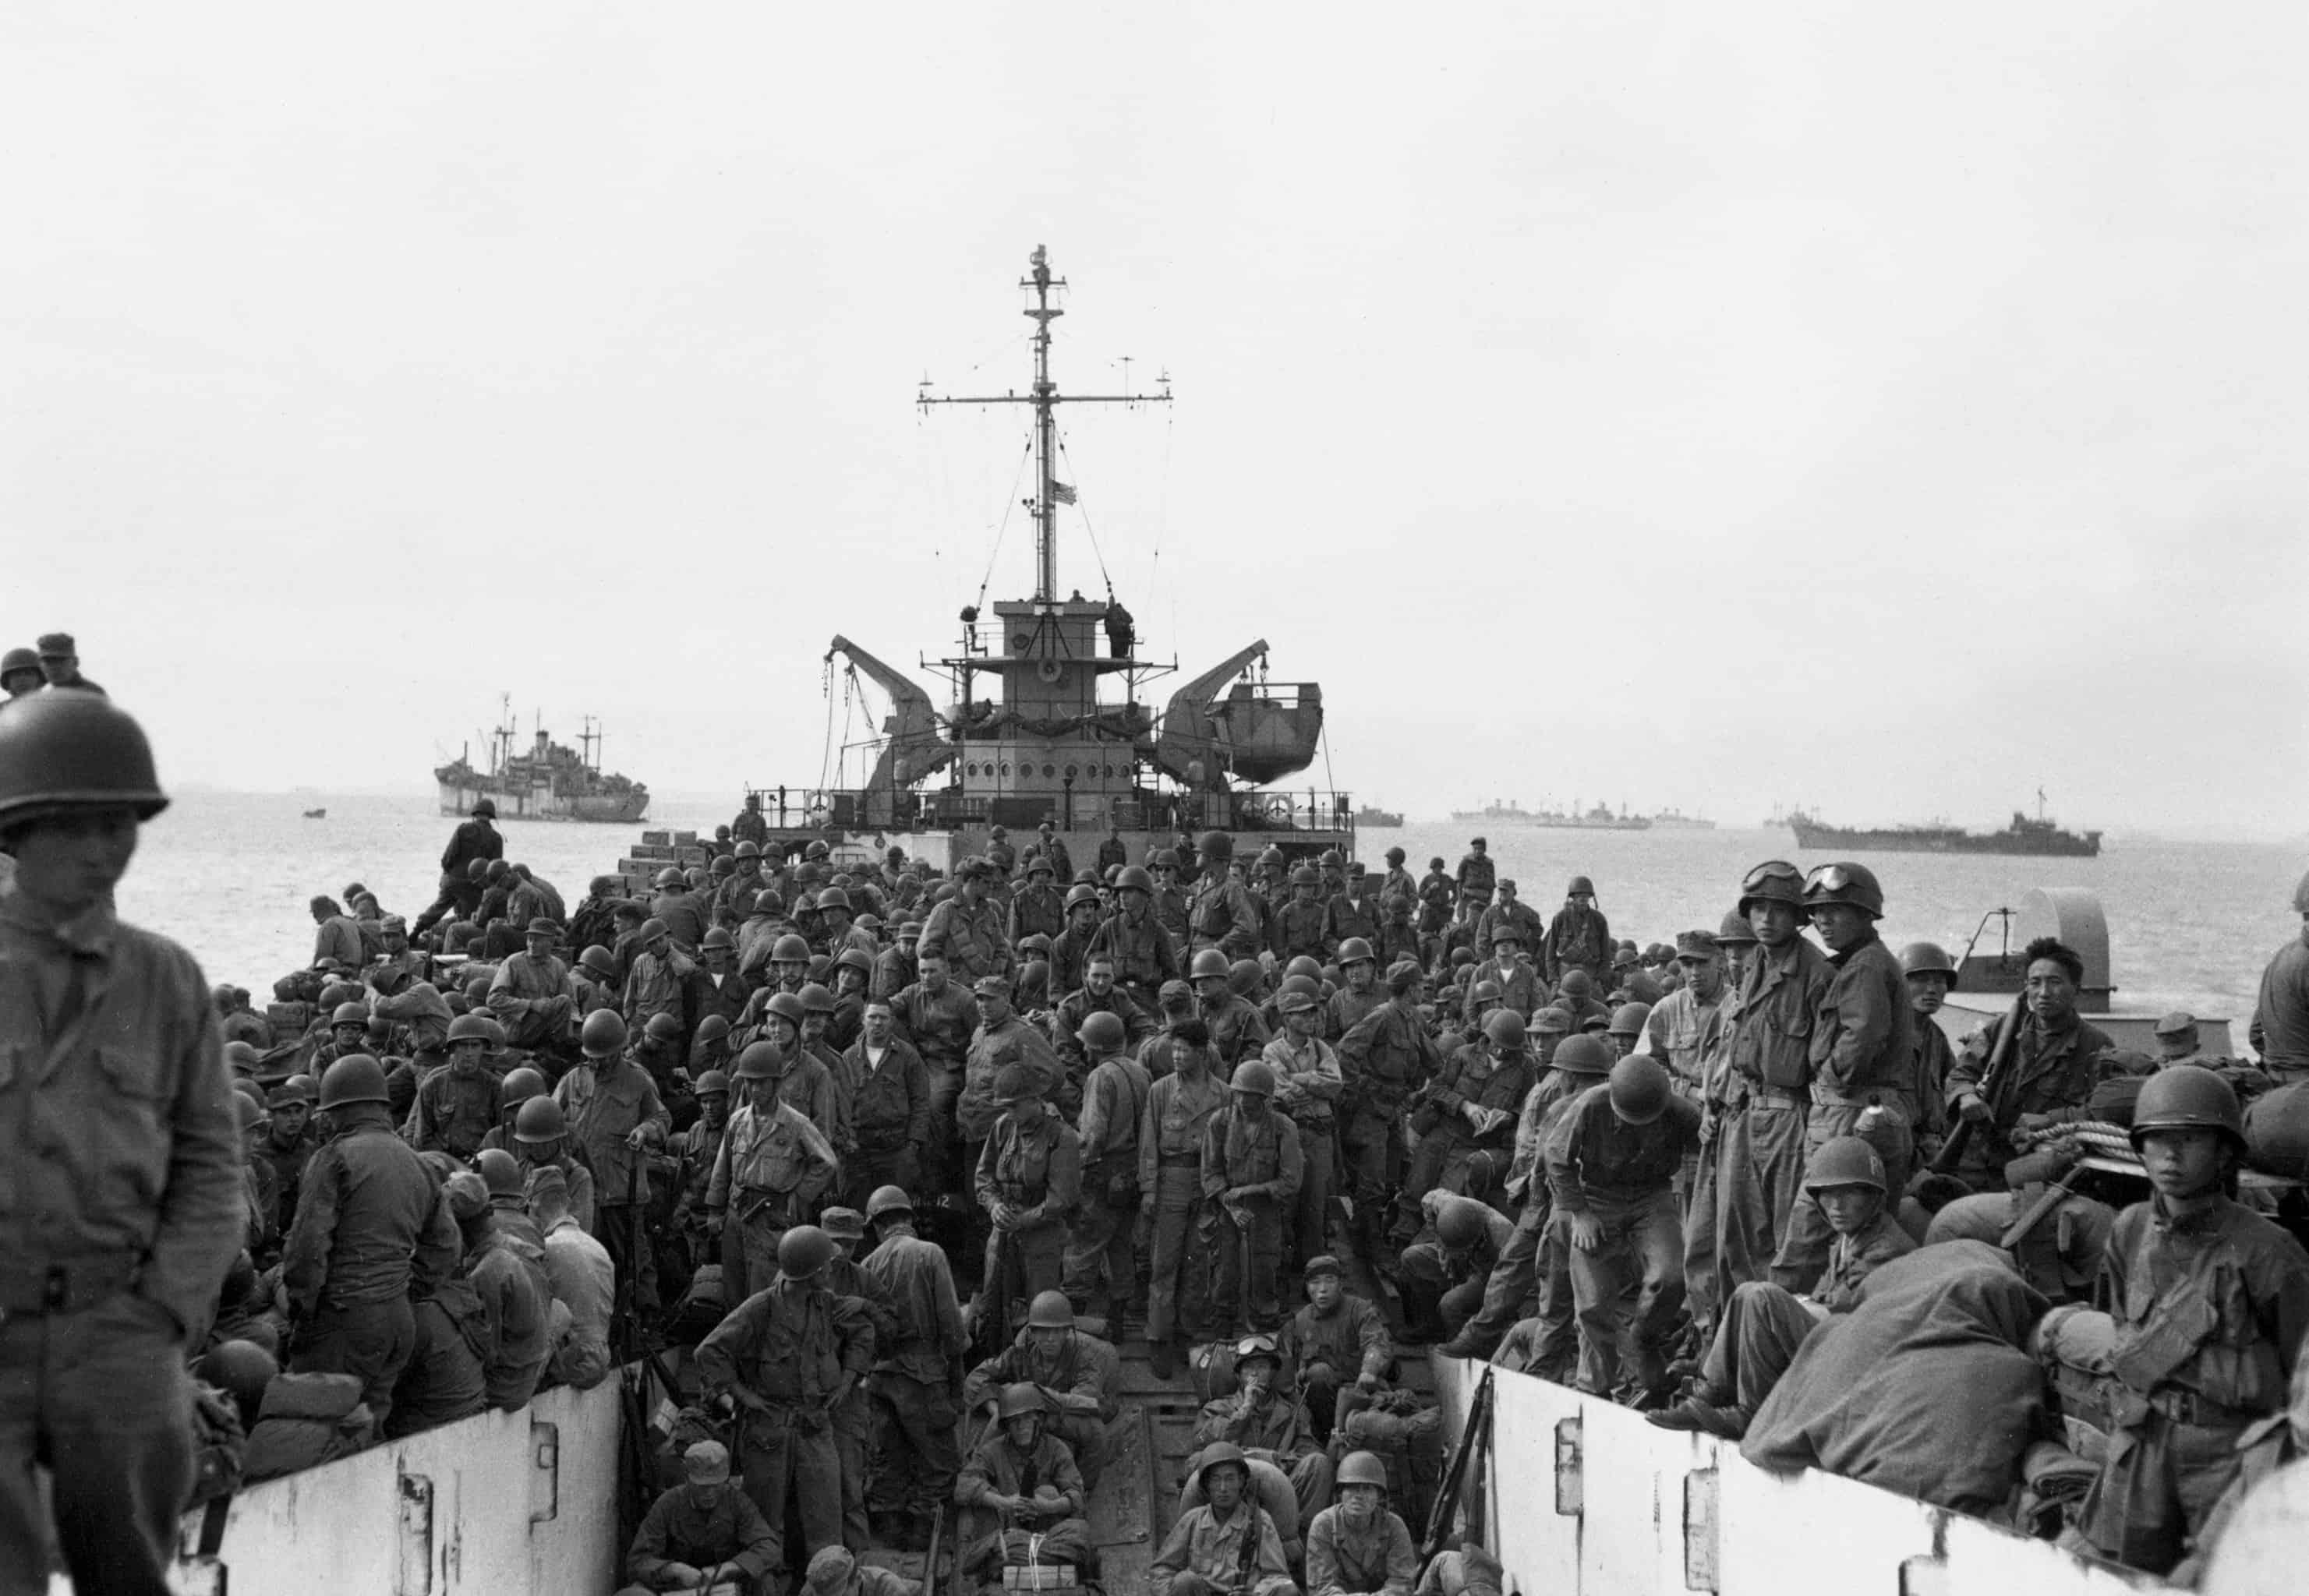 1950; u.s. troops land in south korea